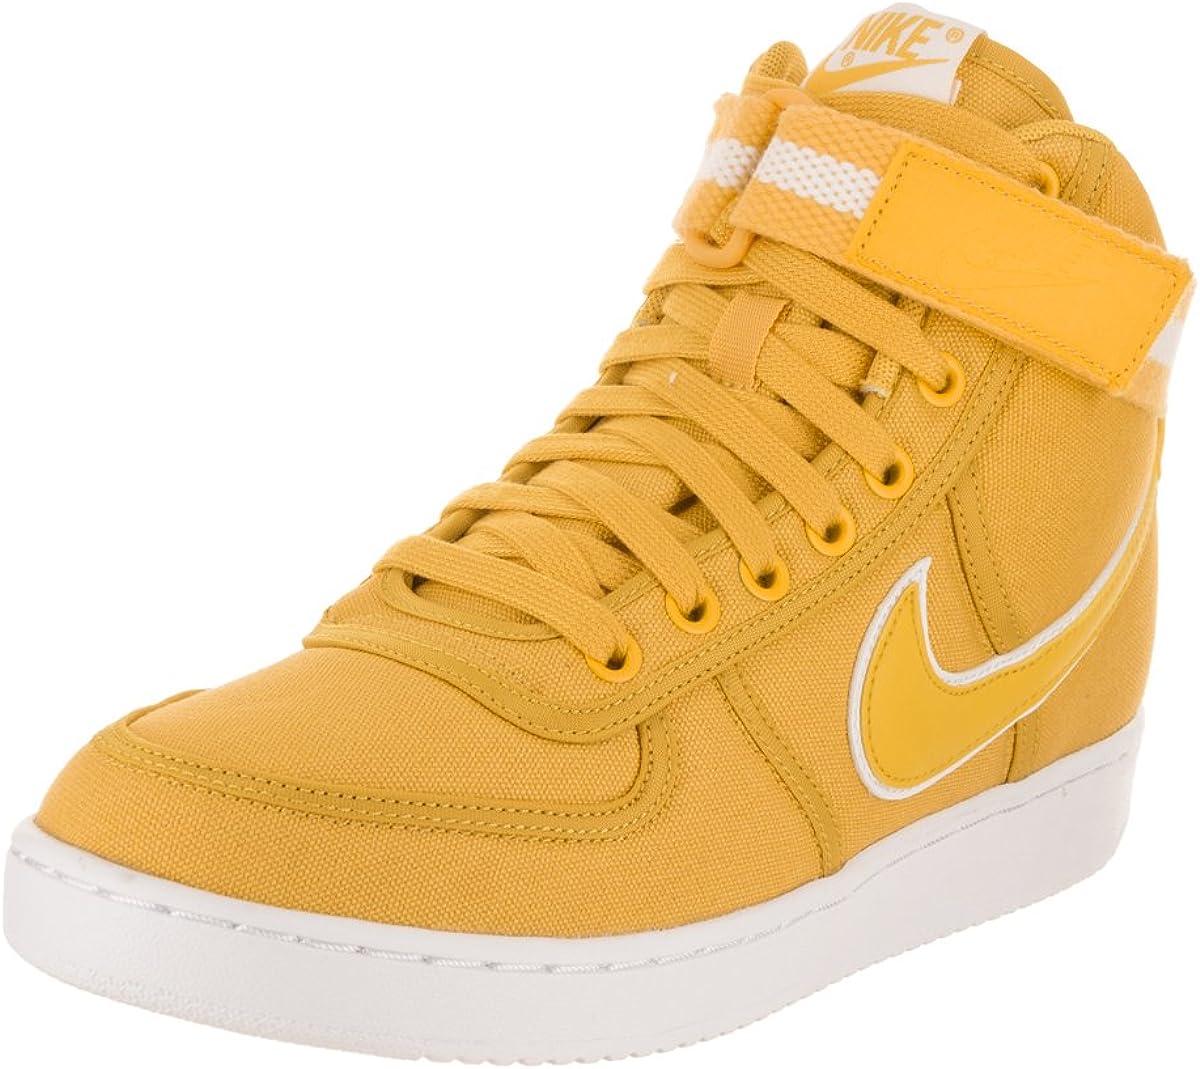 Vandal Hi Basketball Shoe 8.5 Yellow